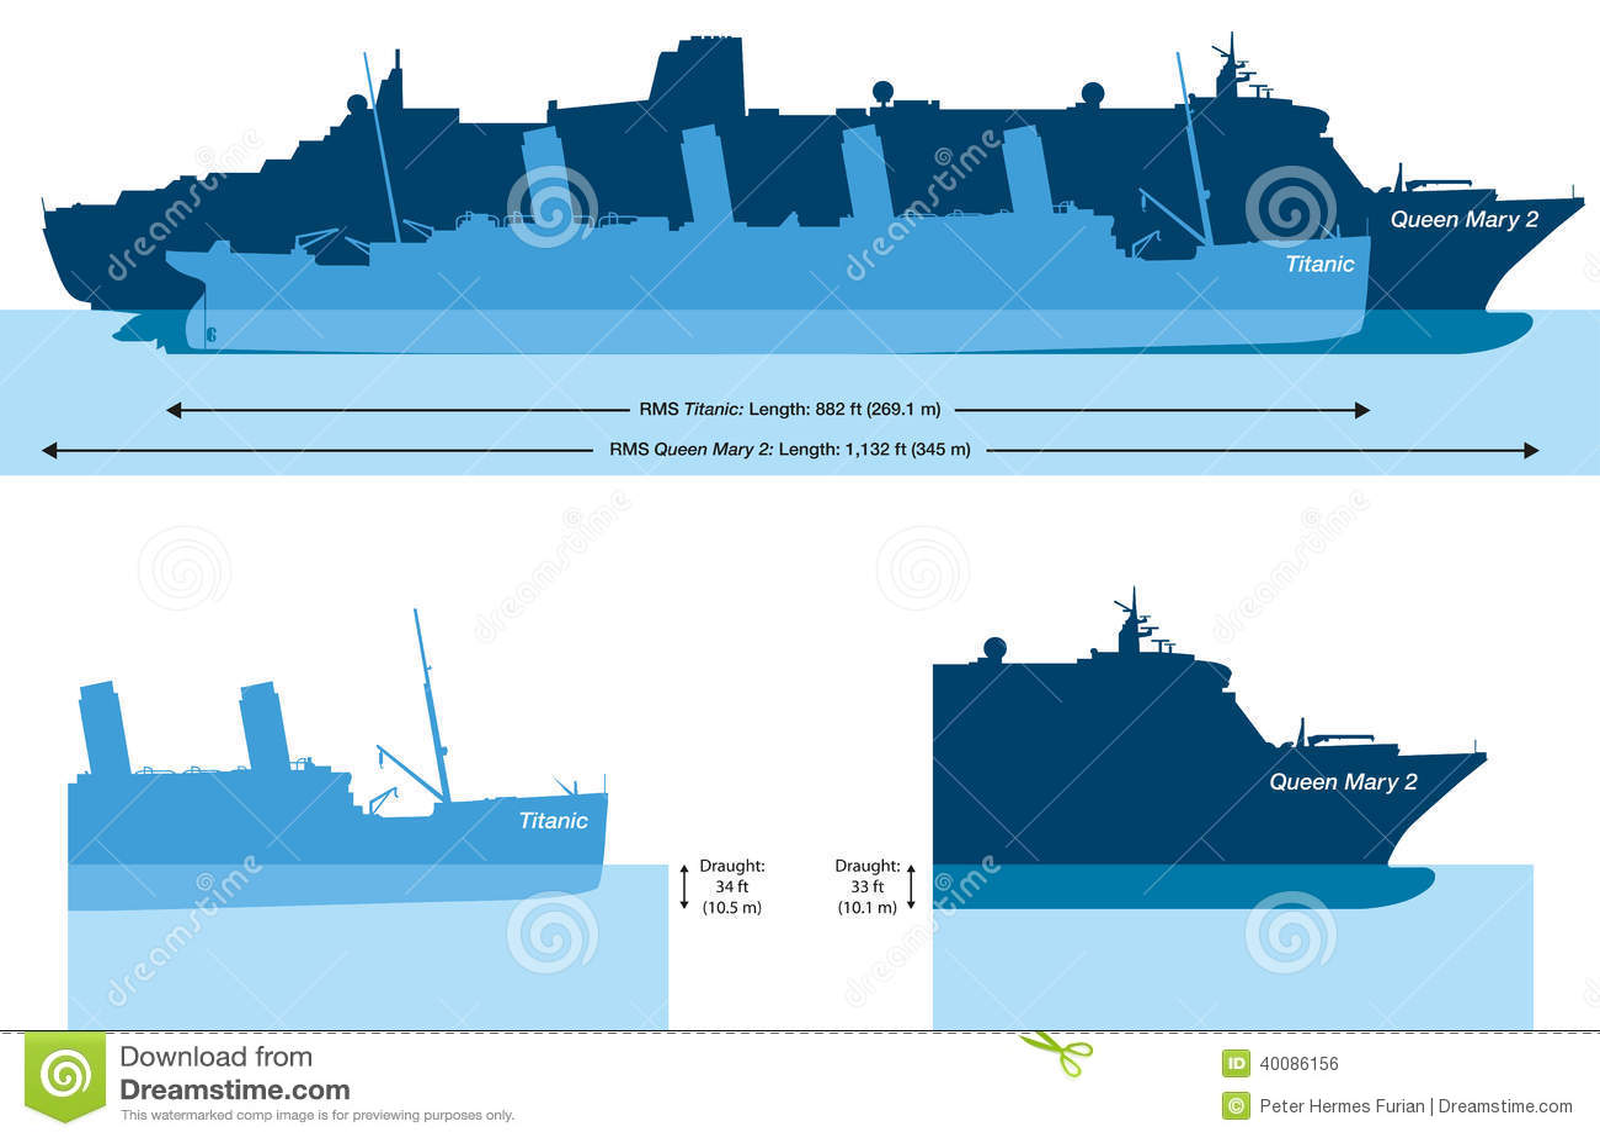 titanic et queen mary 2 comparaison et dr de taille. Black Bedroom Furniture Sets. Home Design Ideas